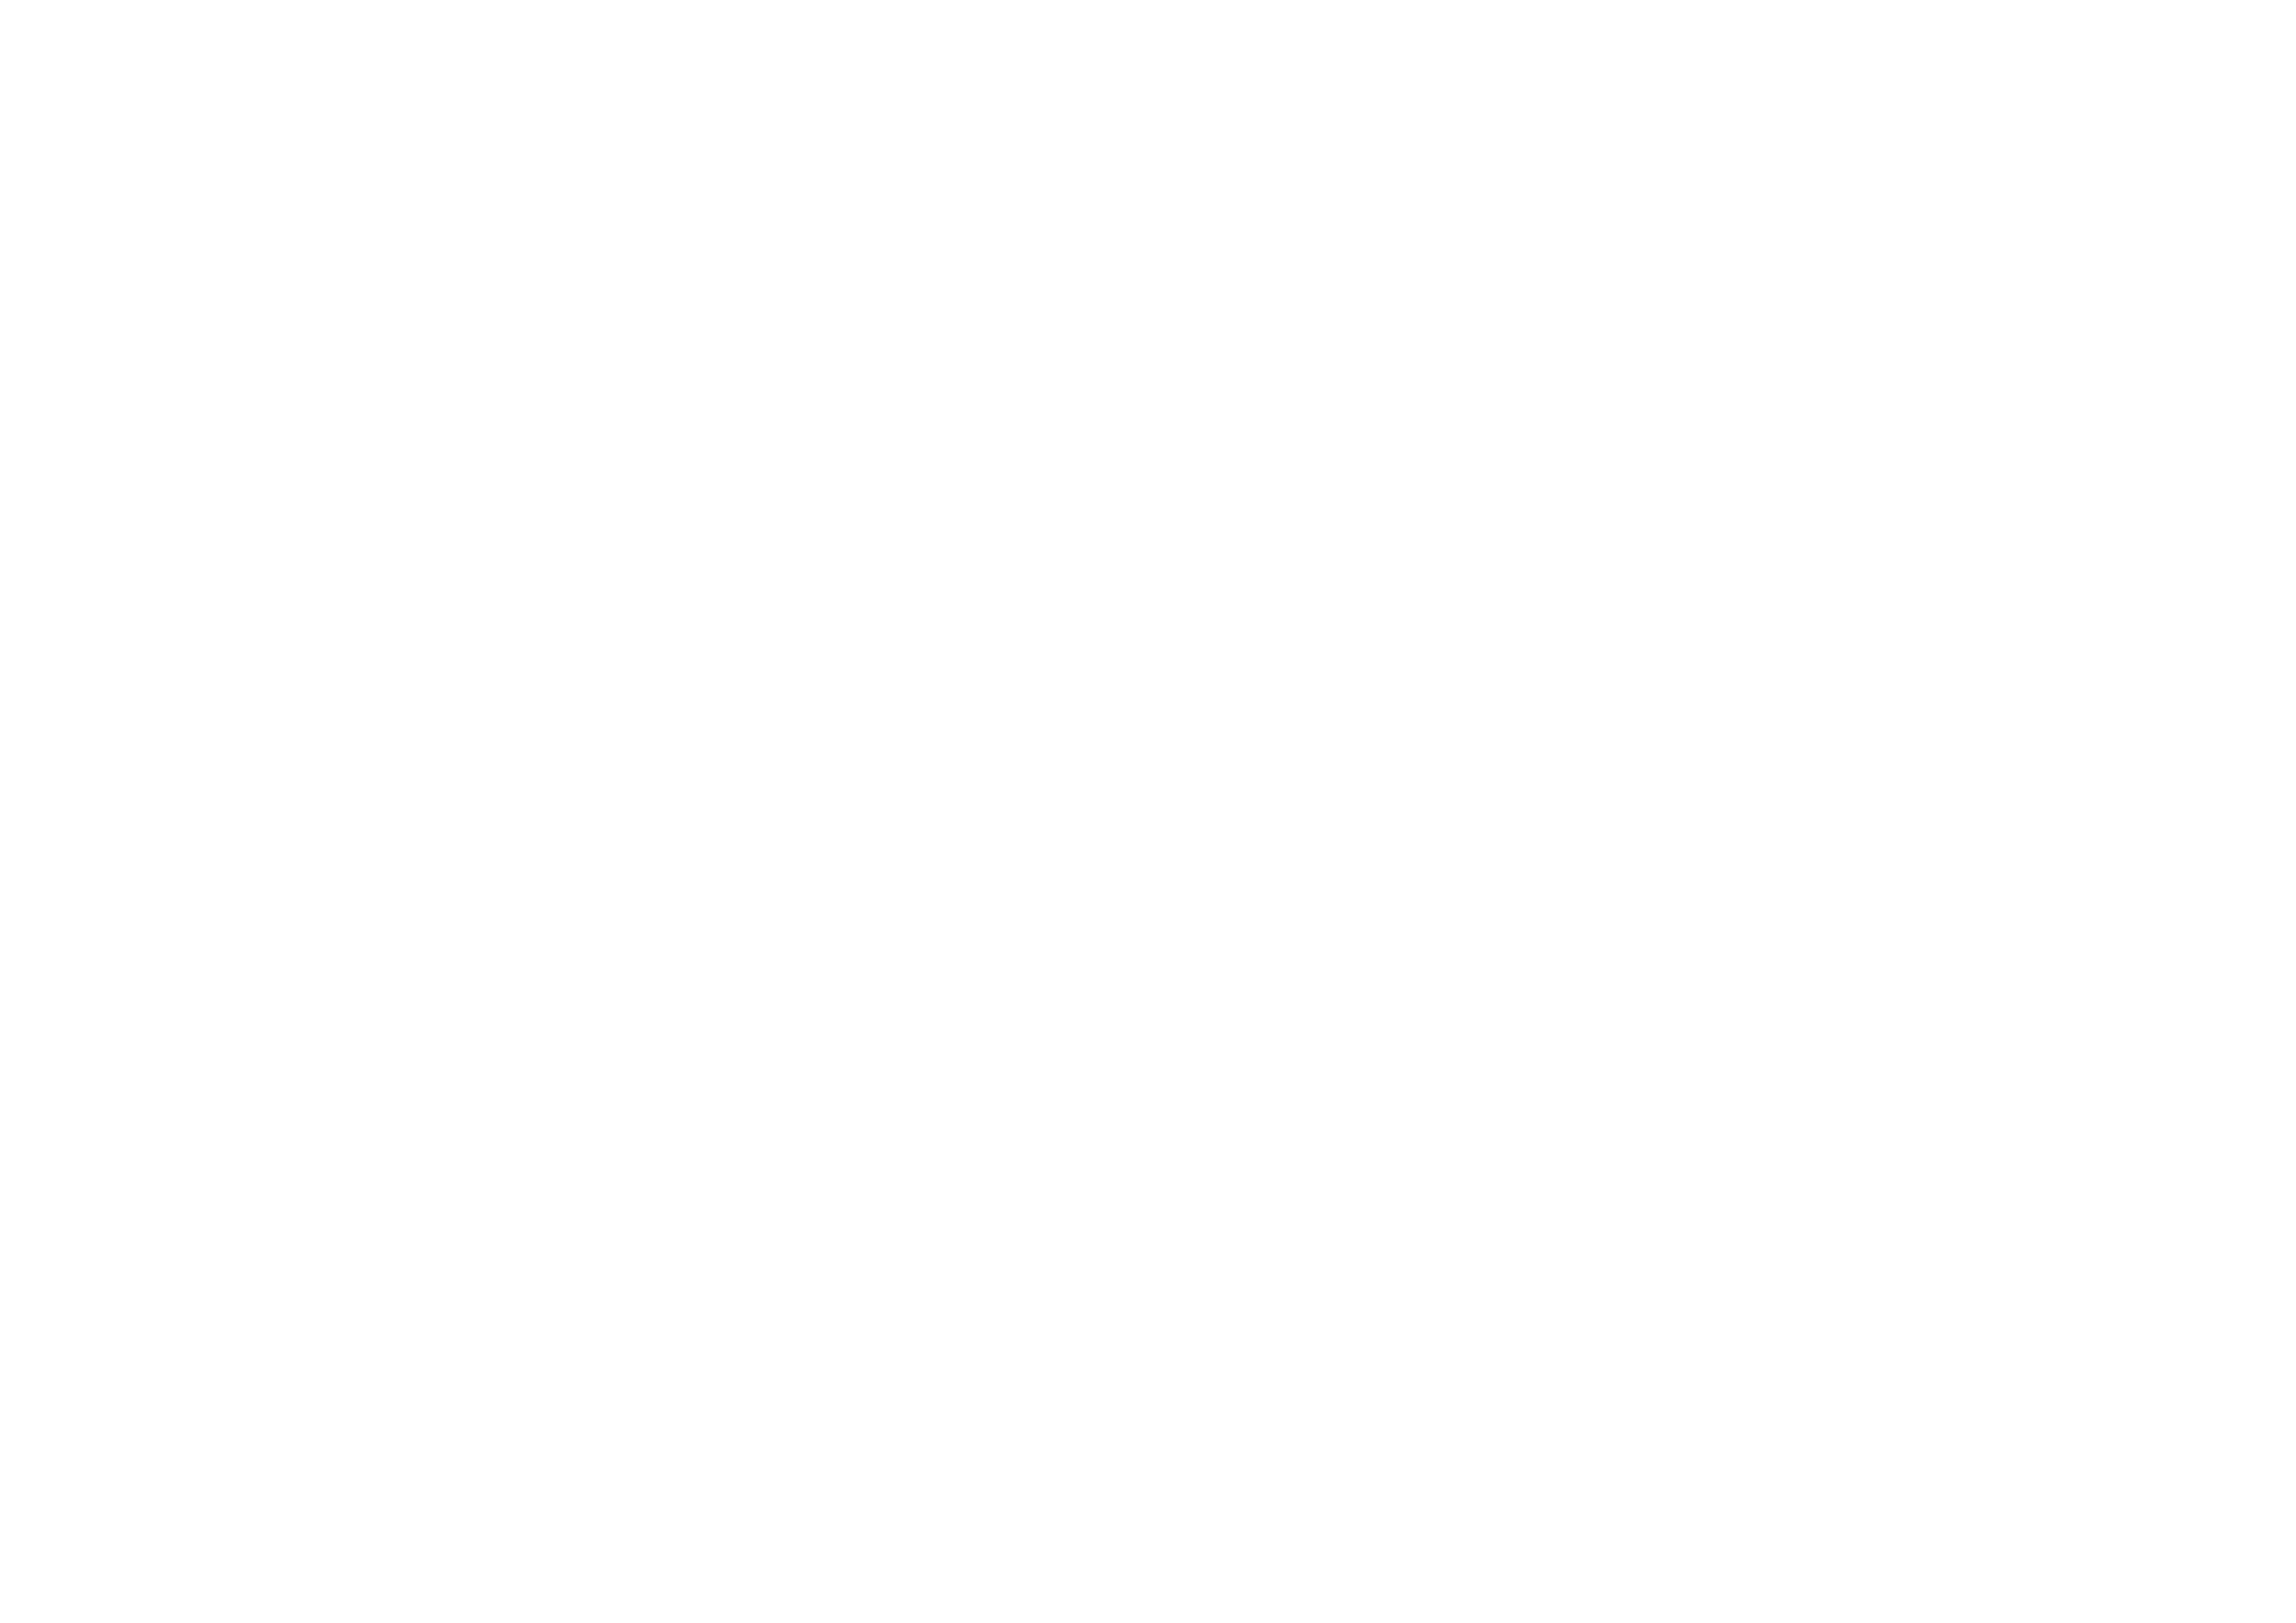 rupovart